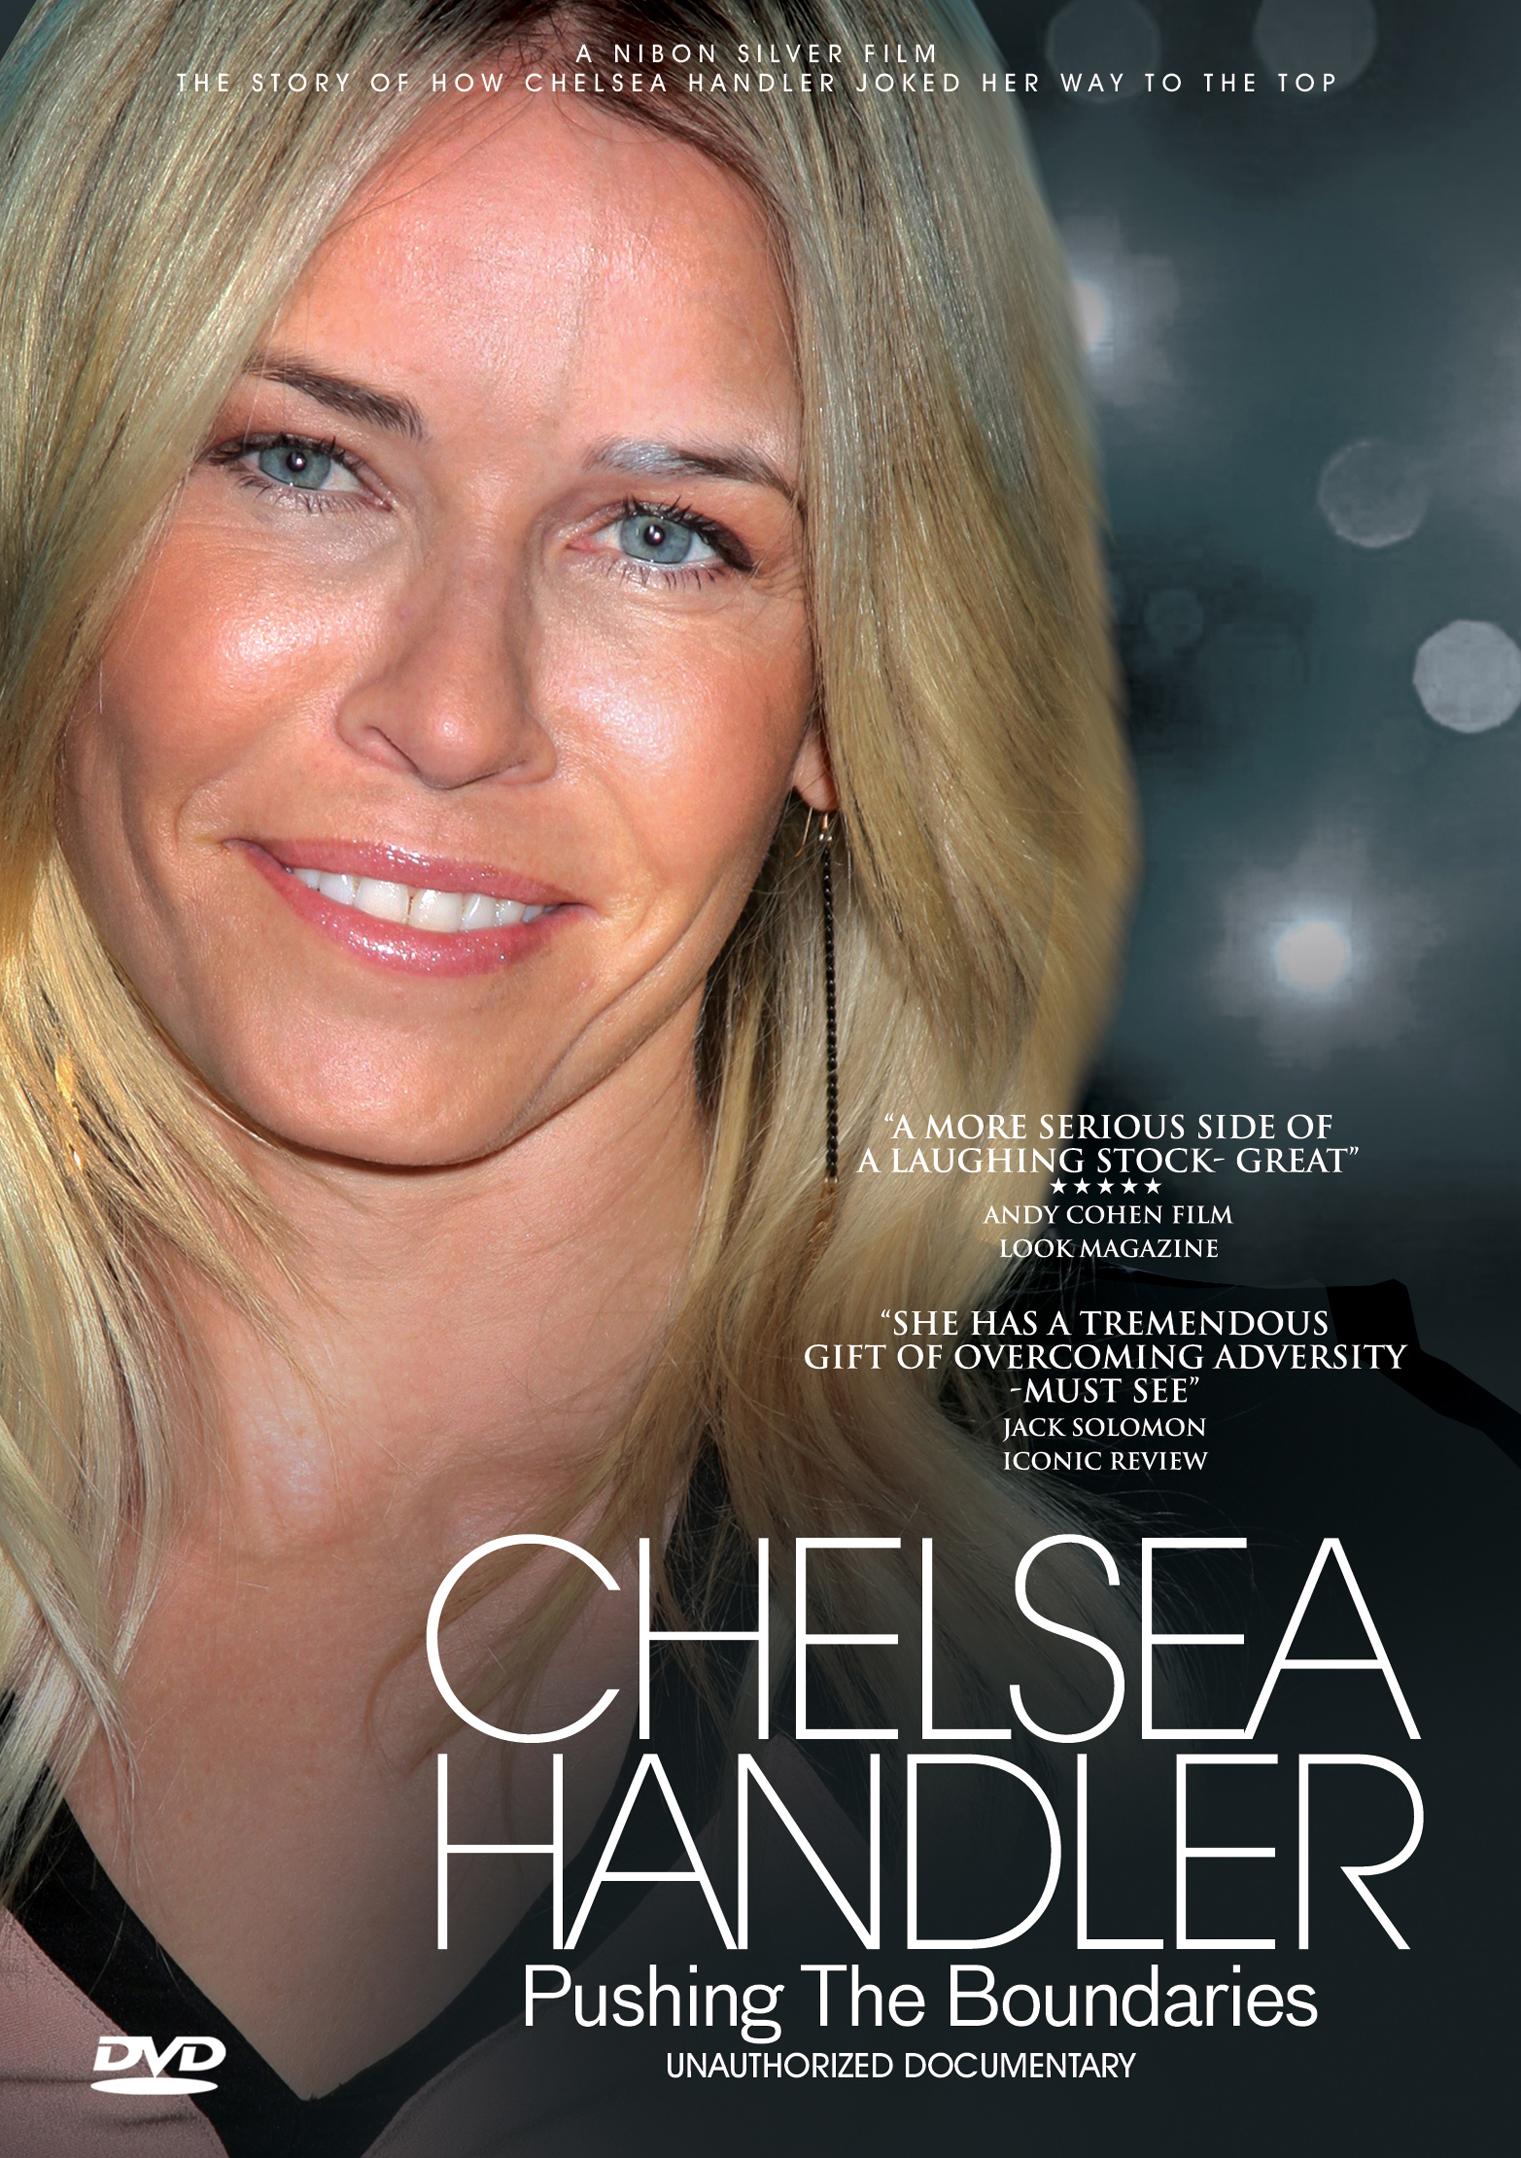 Chelsea Handler: Pushing The Boundaries - Unauthorized Documentary